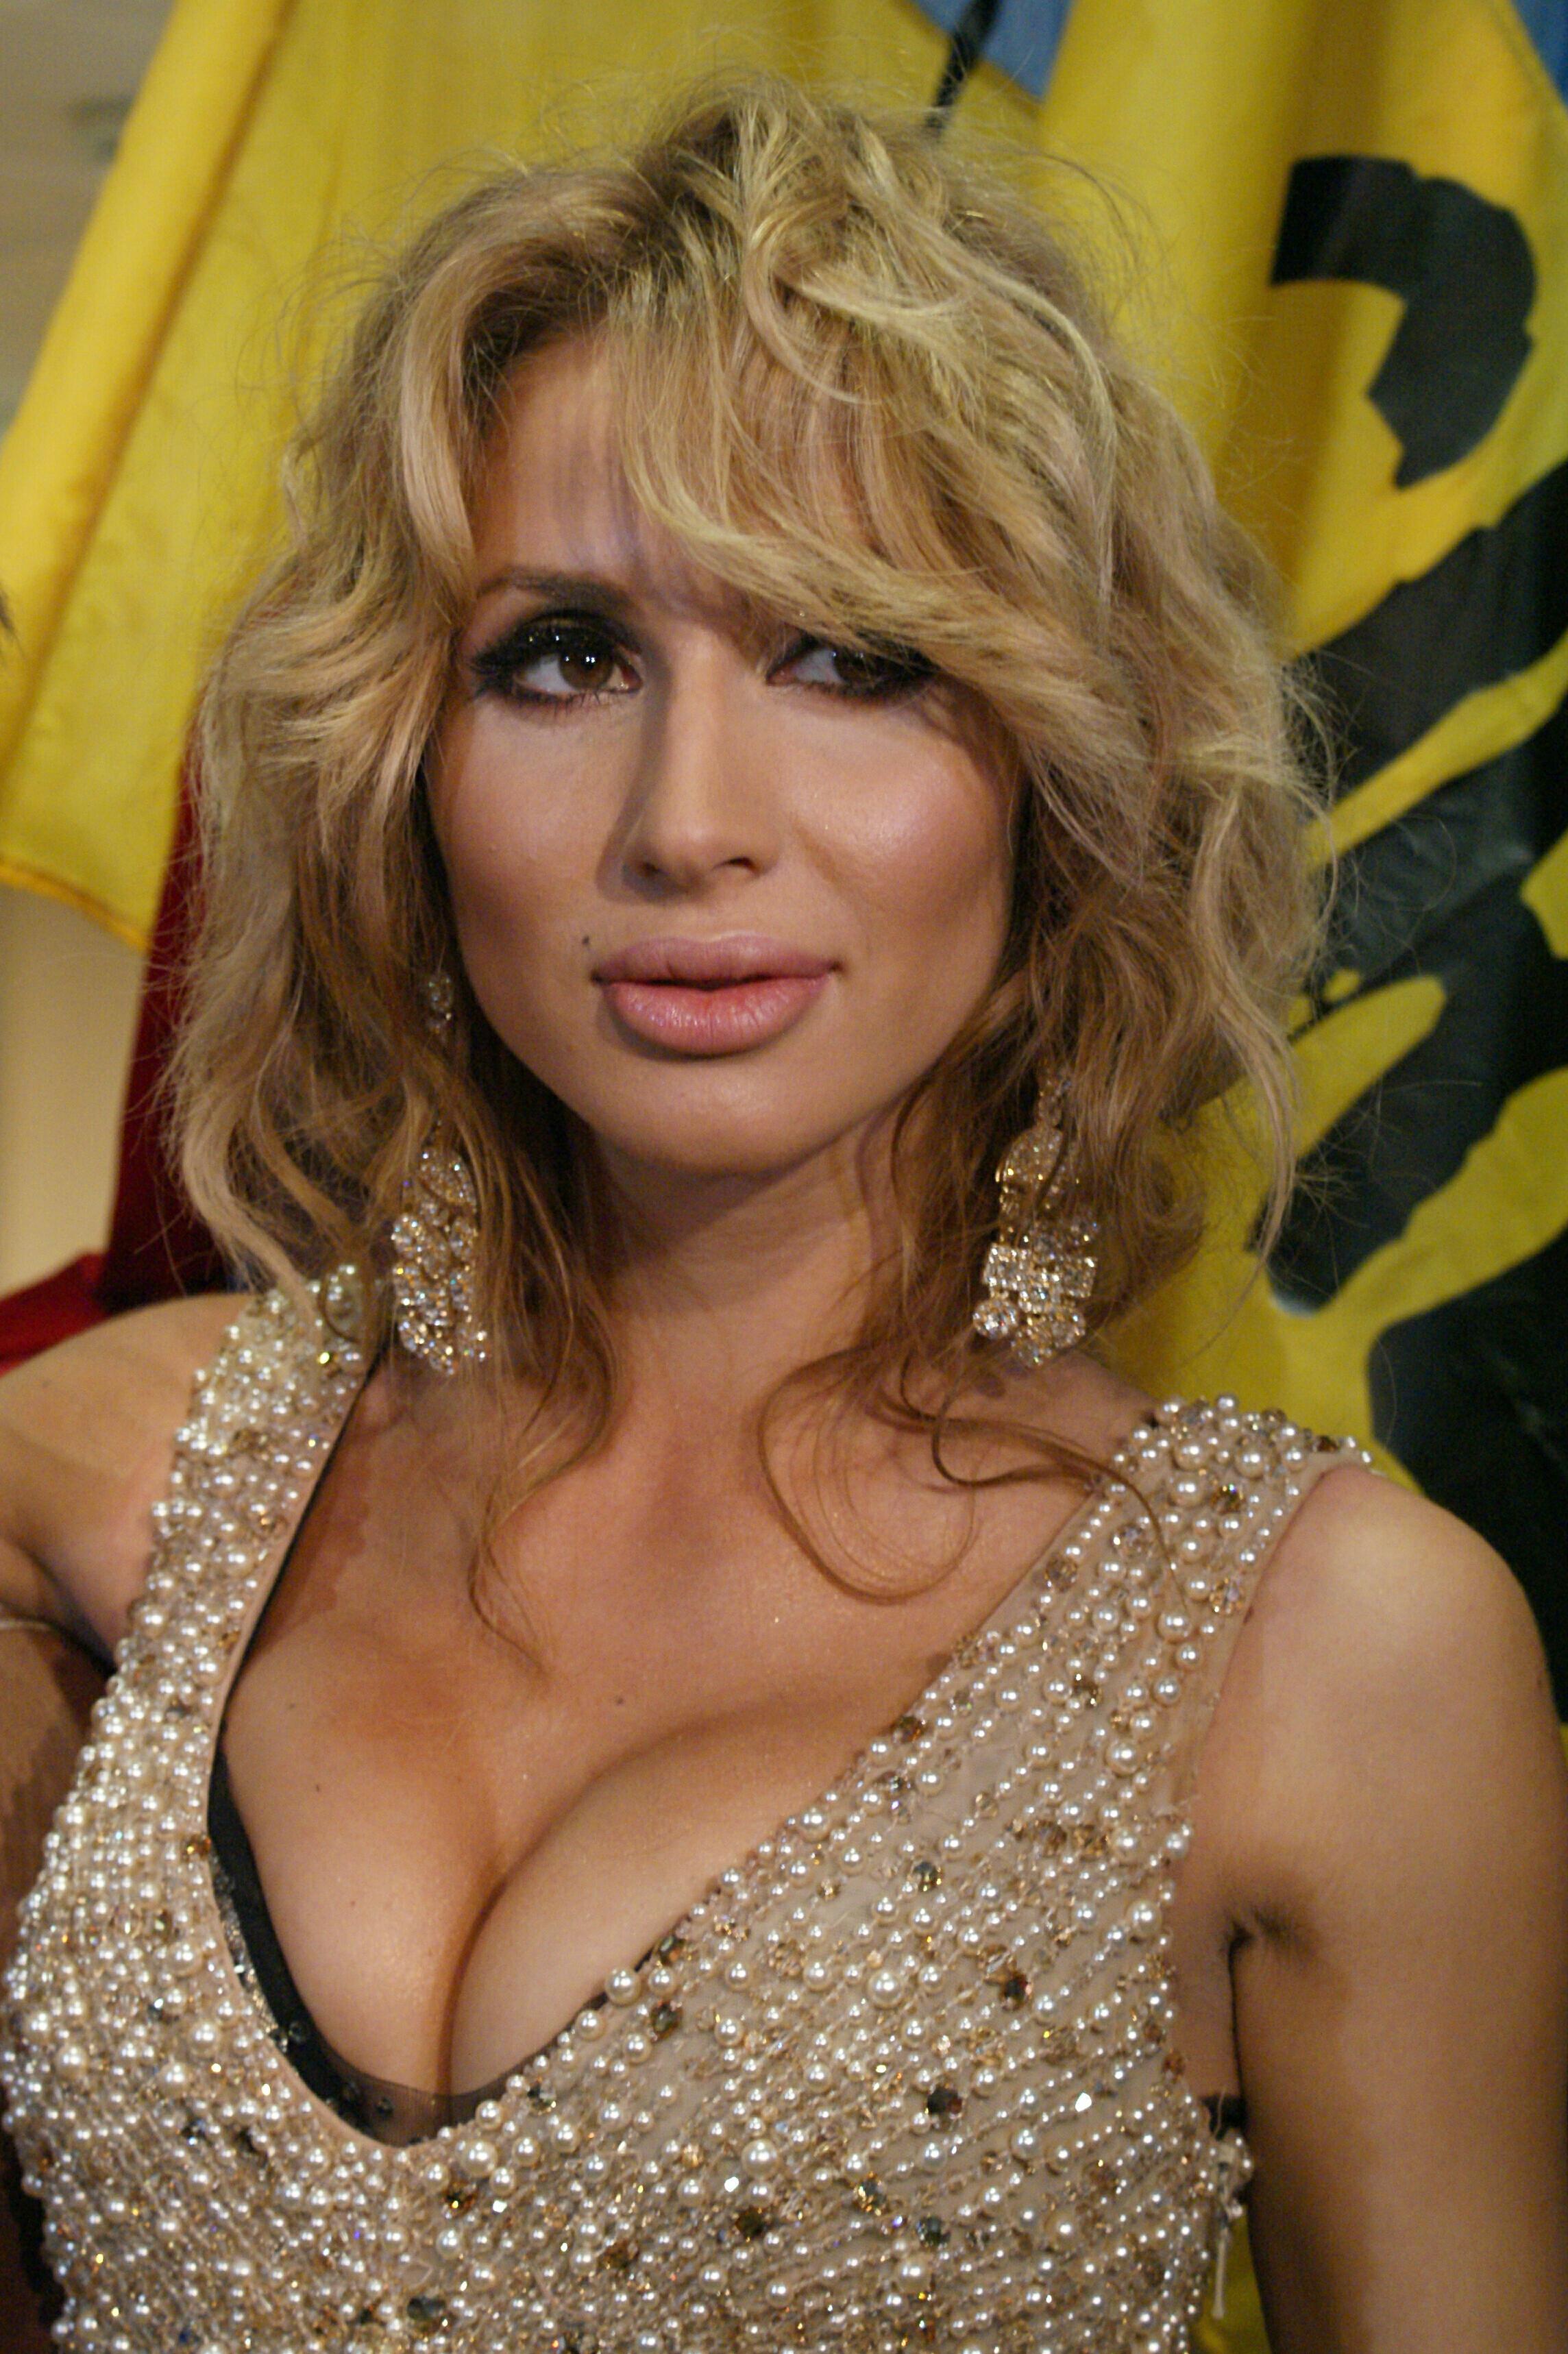 Hania Barton Nude Photos